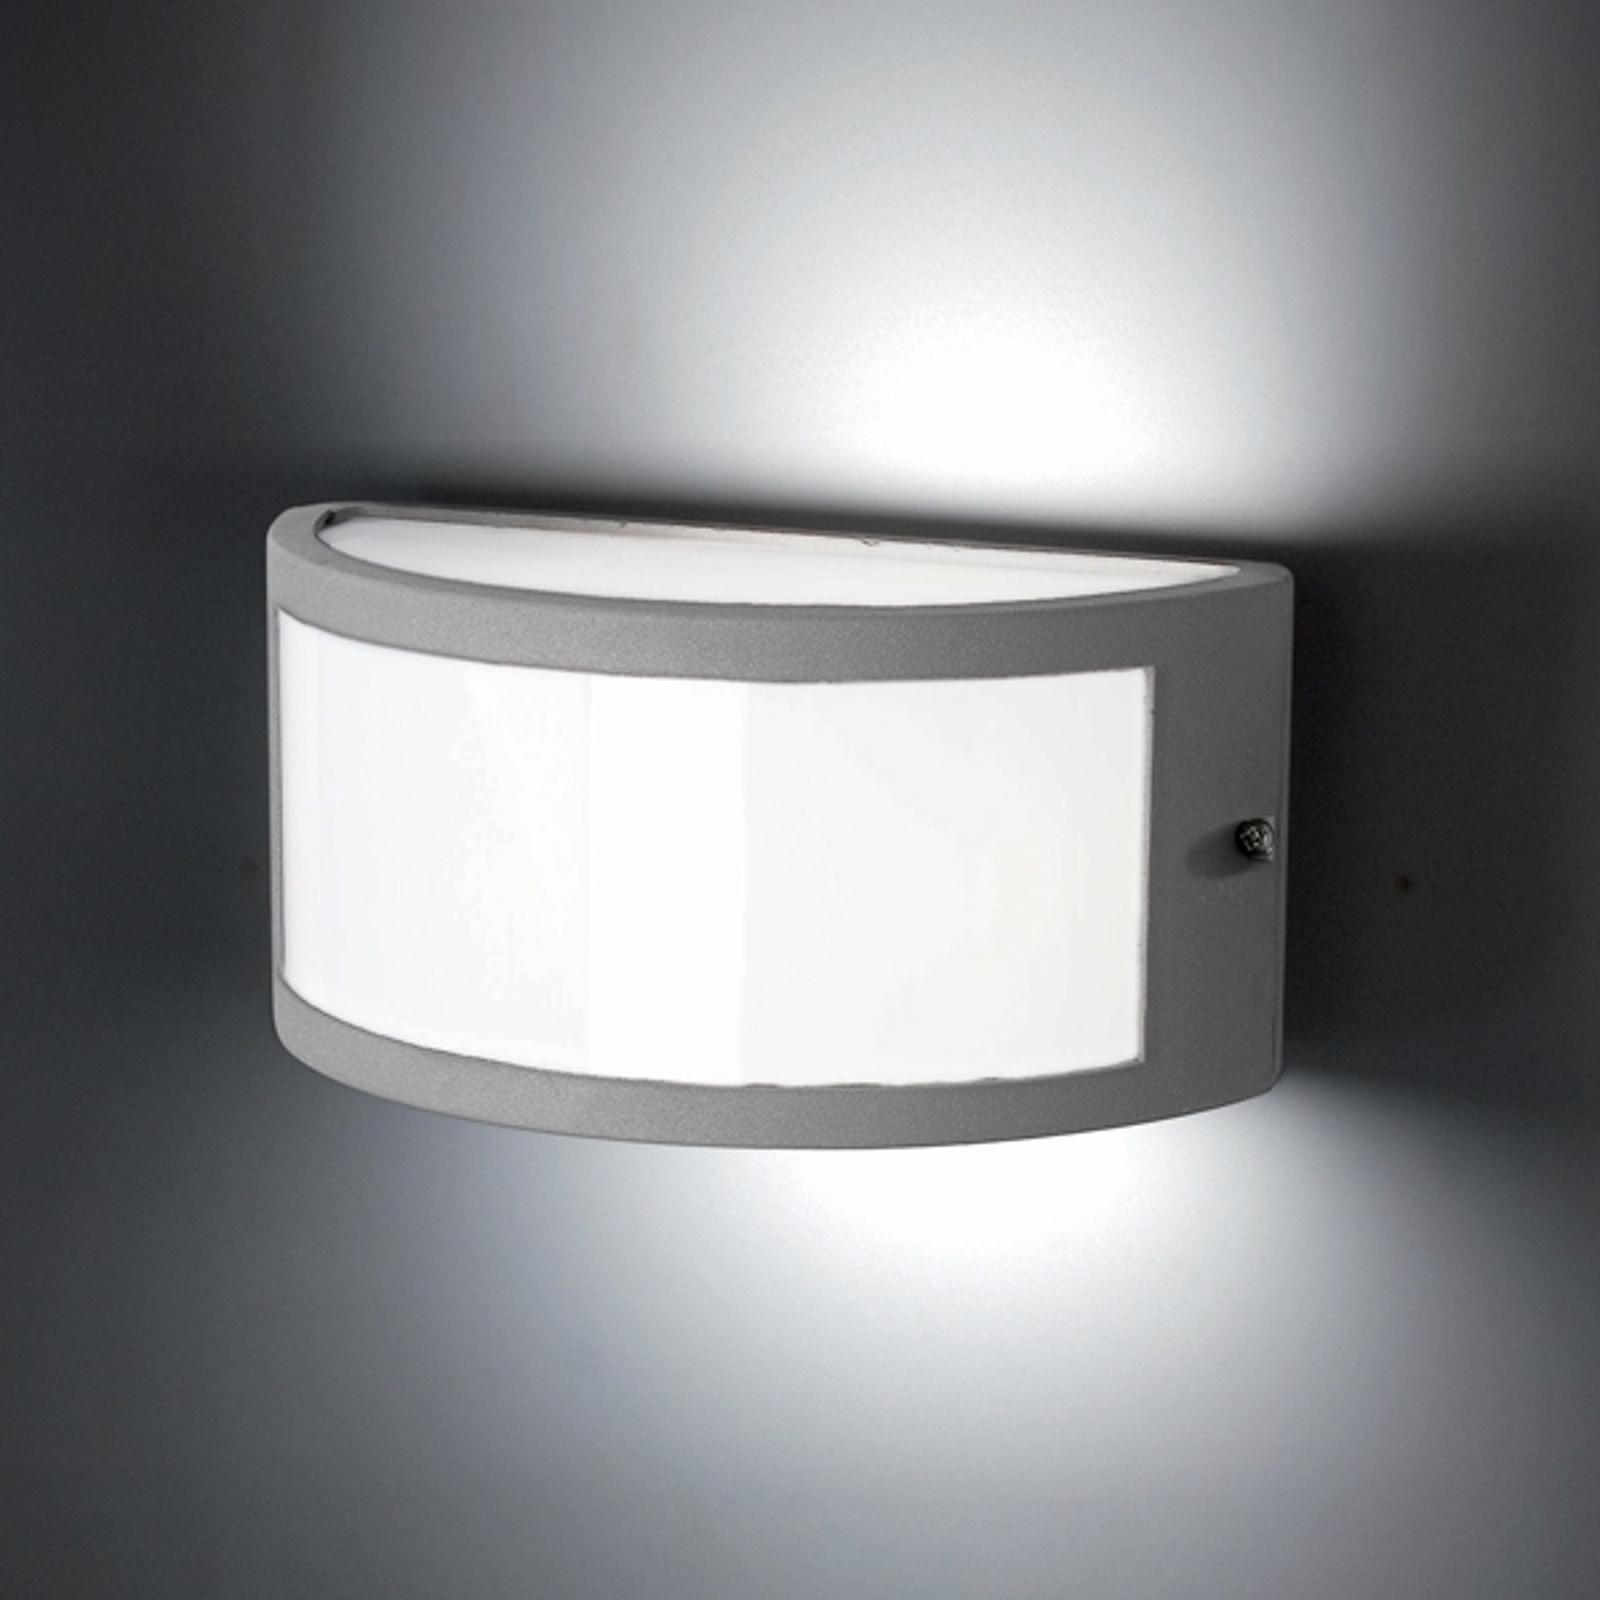 Negus First Class Exterior Wall Lamp_3505108_1